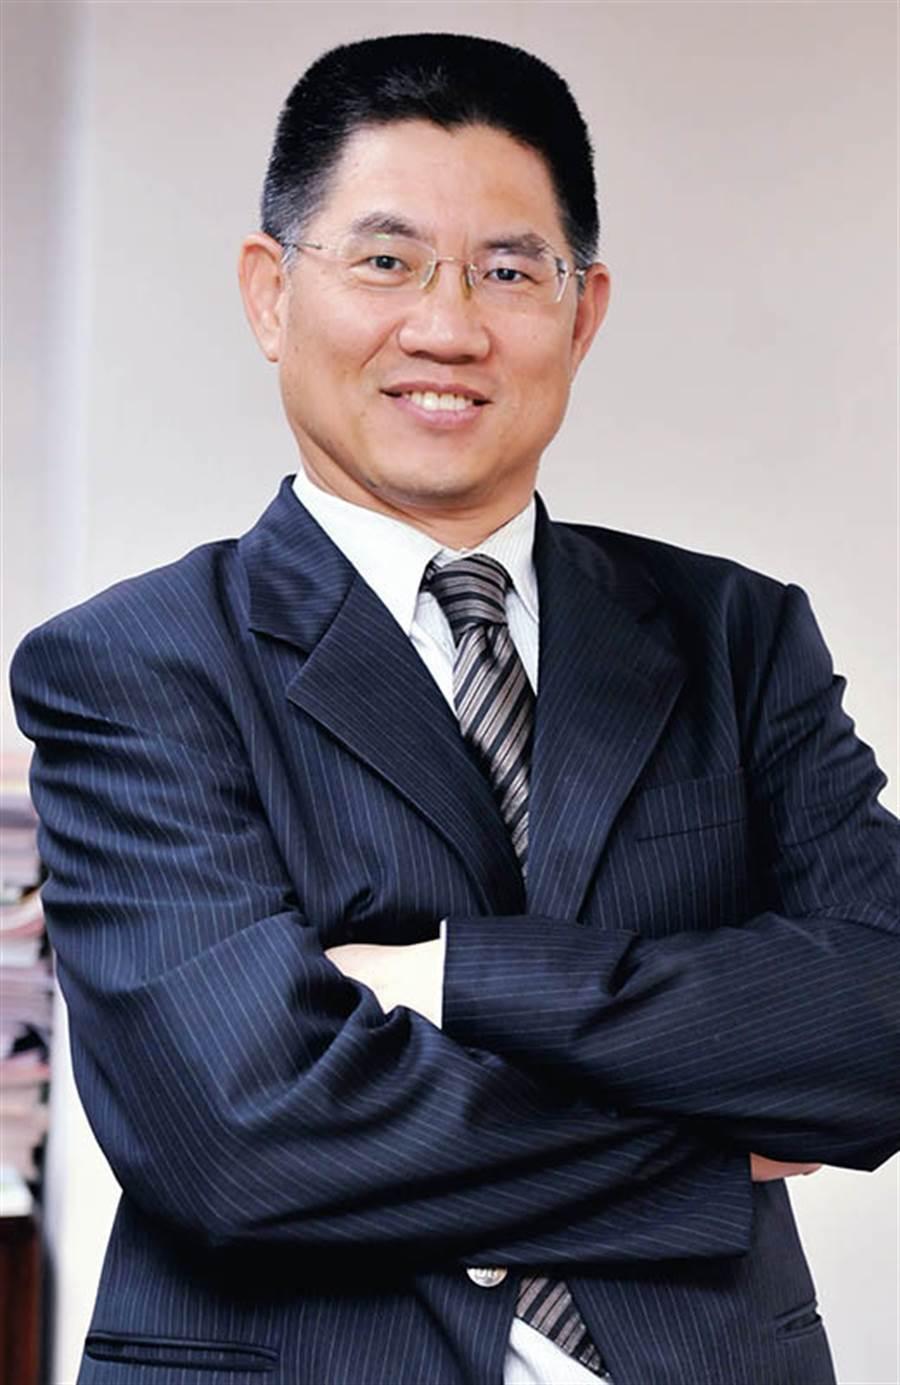 華南投顧董事長儲祥生指出,陸美貿易戰加徵的25%關稅須調降,明年景氣才會好。(圖/報系資料庫)